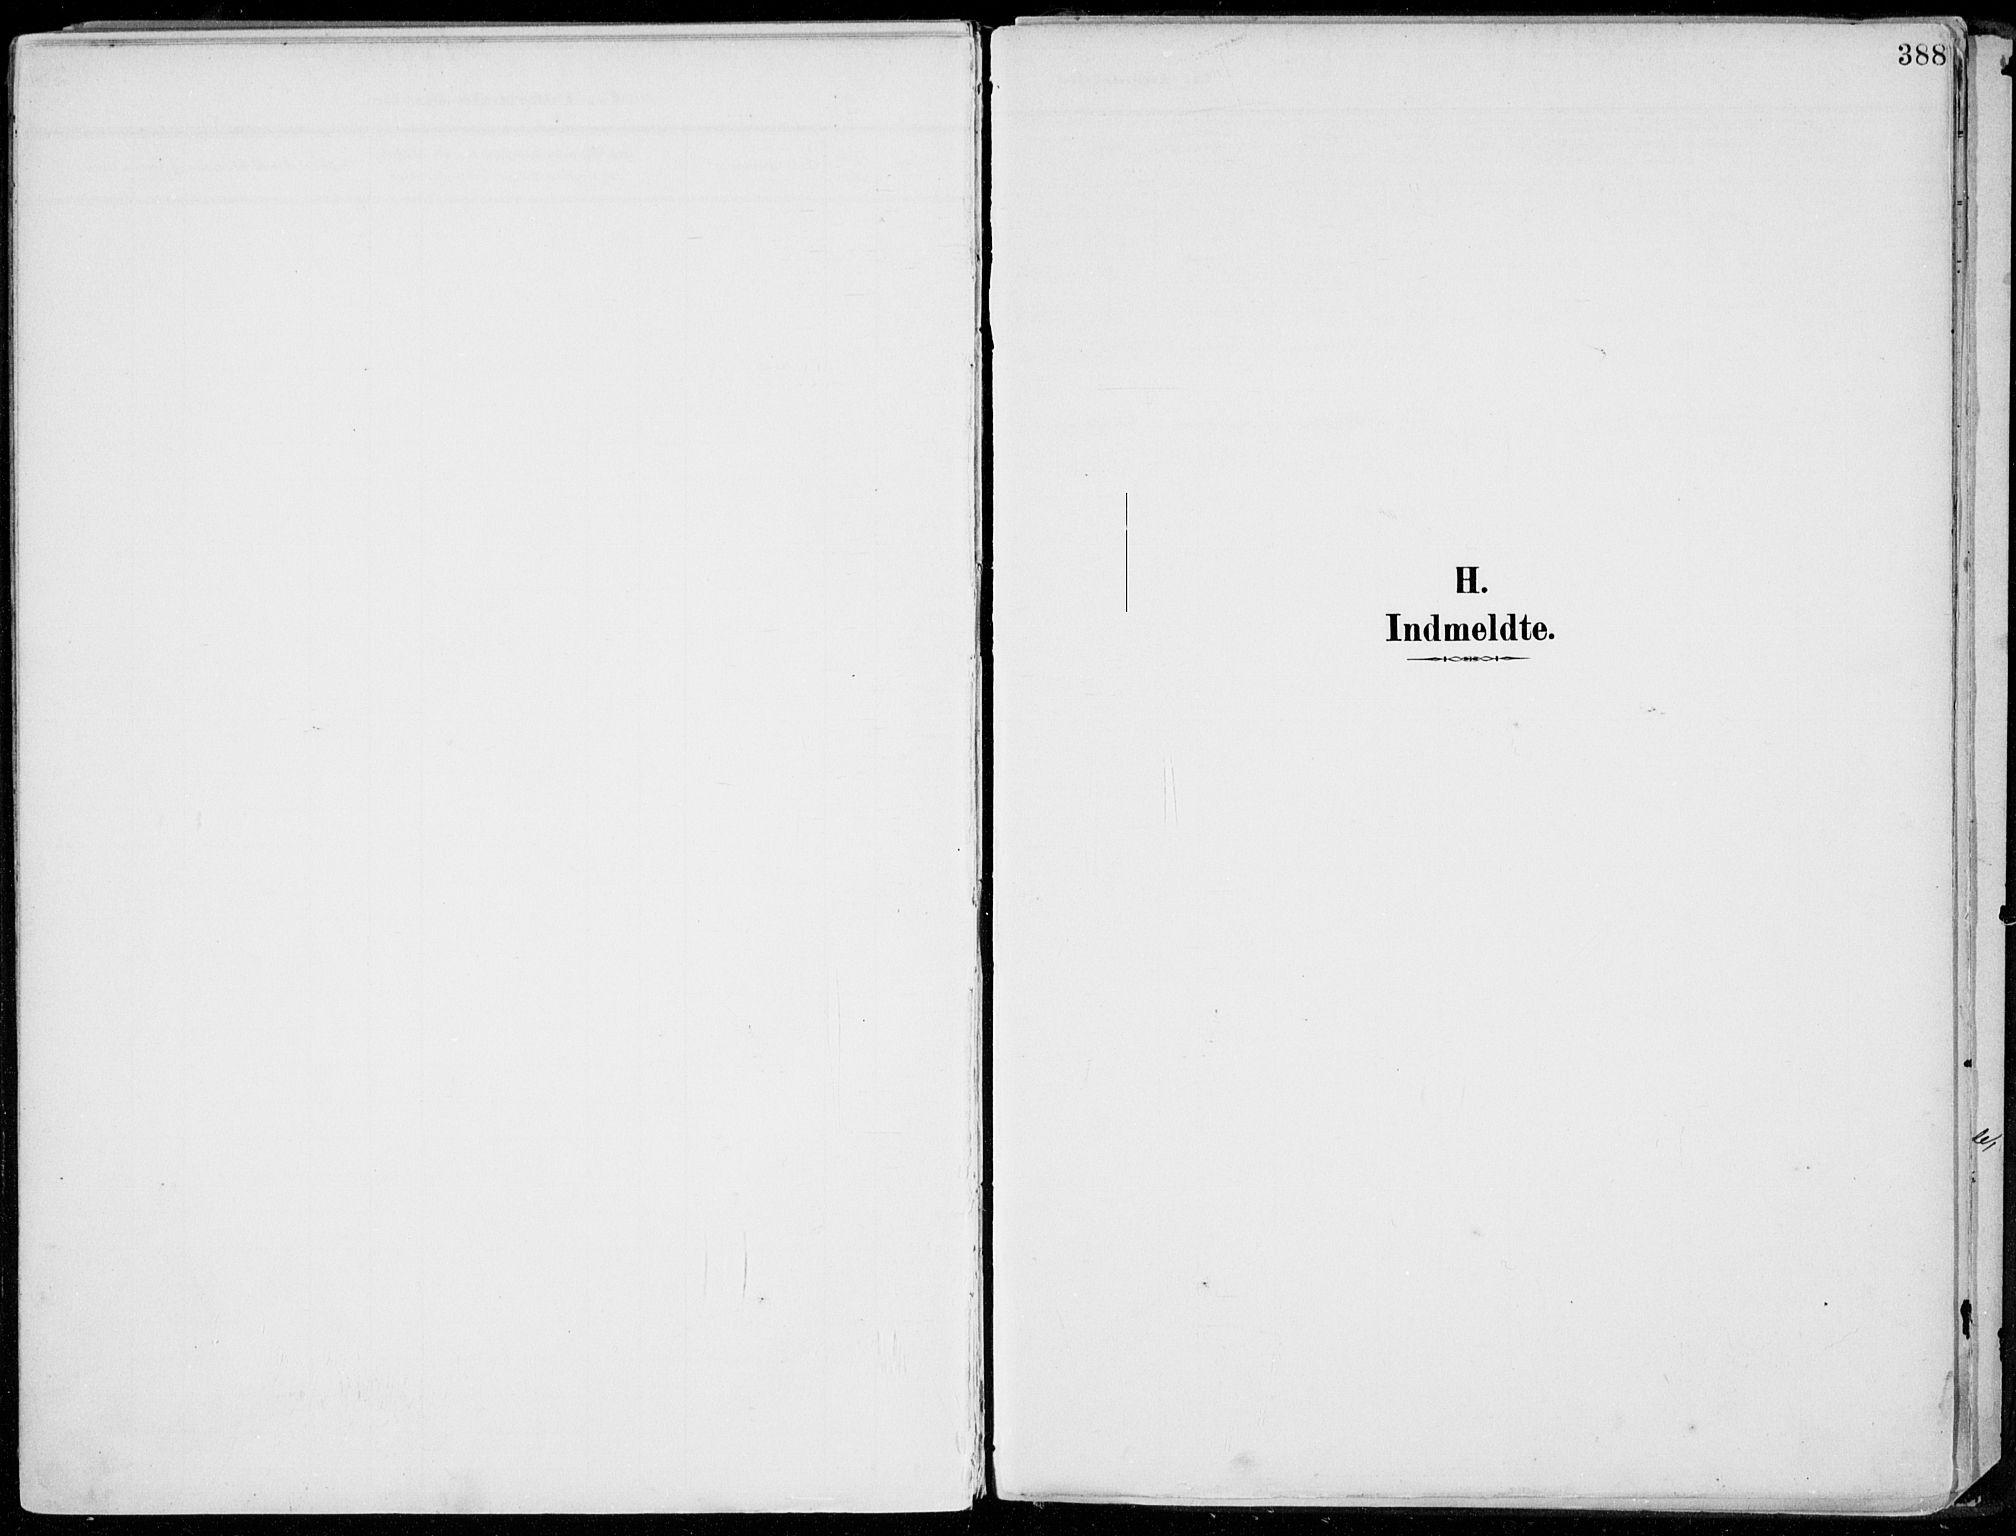 SAH, Lillehammer prestekontor, H/Ha/Haa/L0001: Parish register (official) no. 1, 1901-1916, p. 388